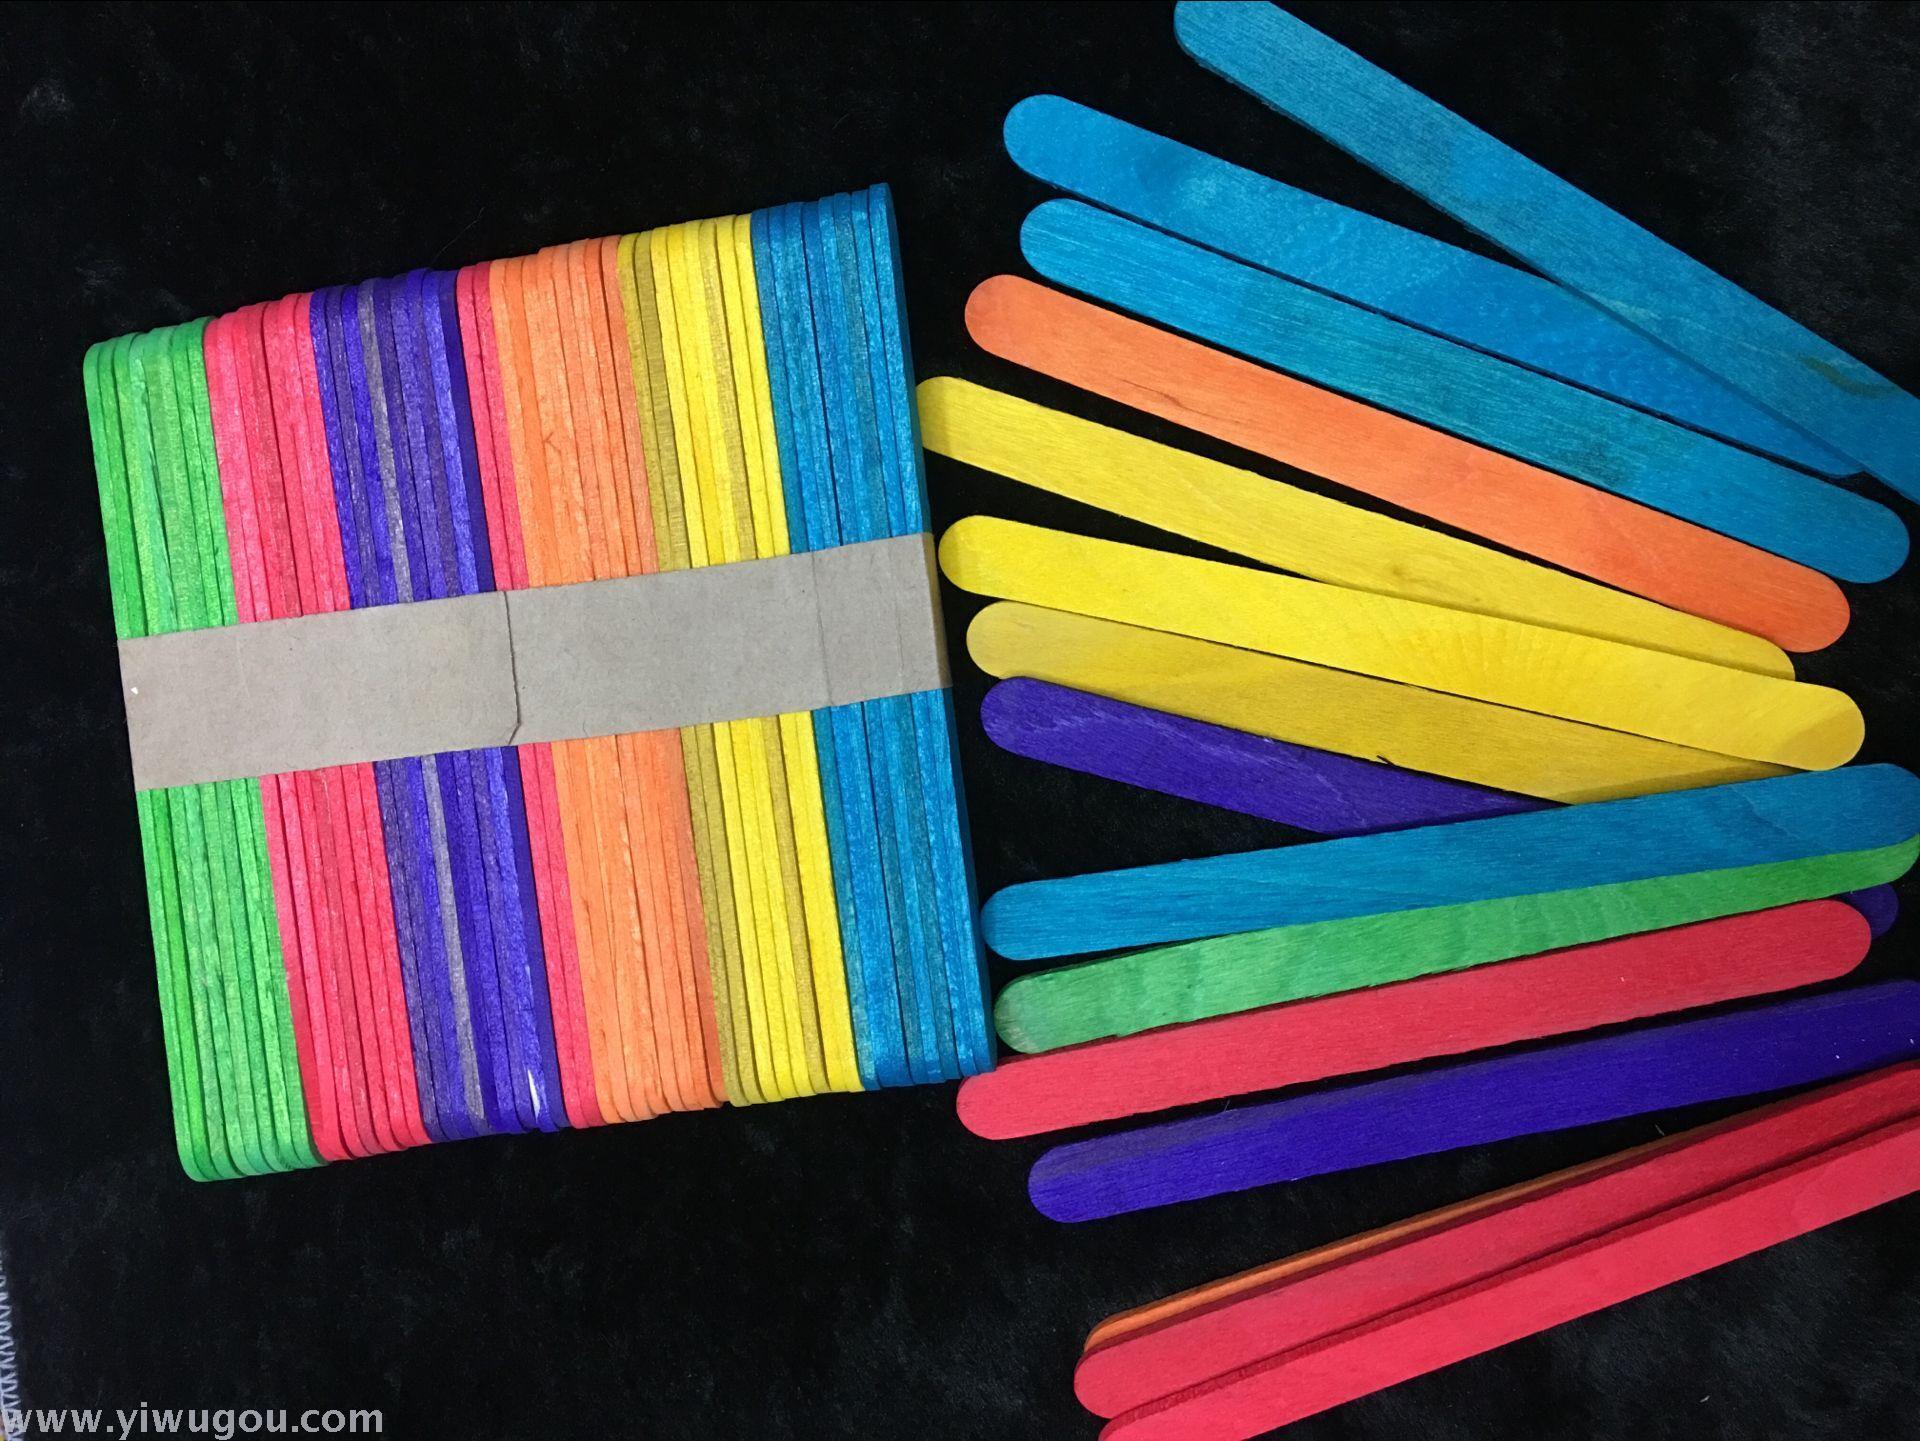 4cm儿童手工制作材料木制雪糕棒 冰棍棒_智力